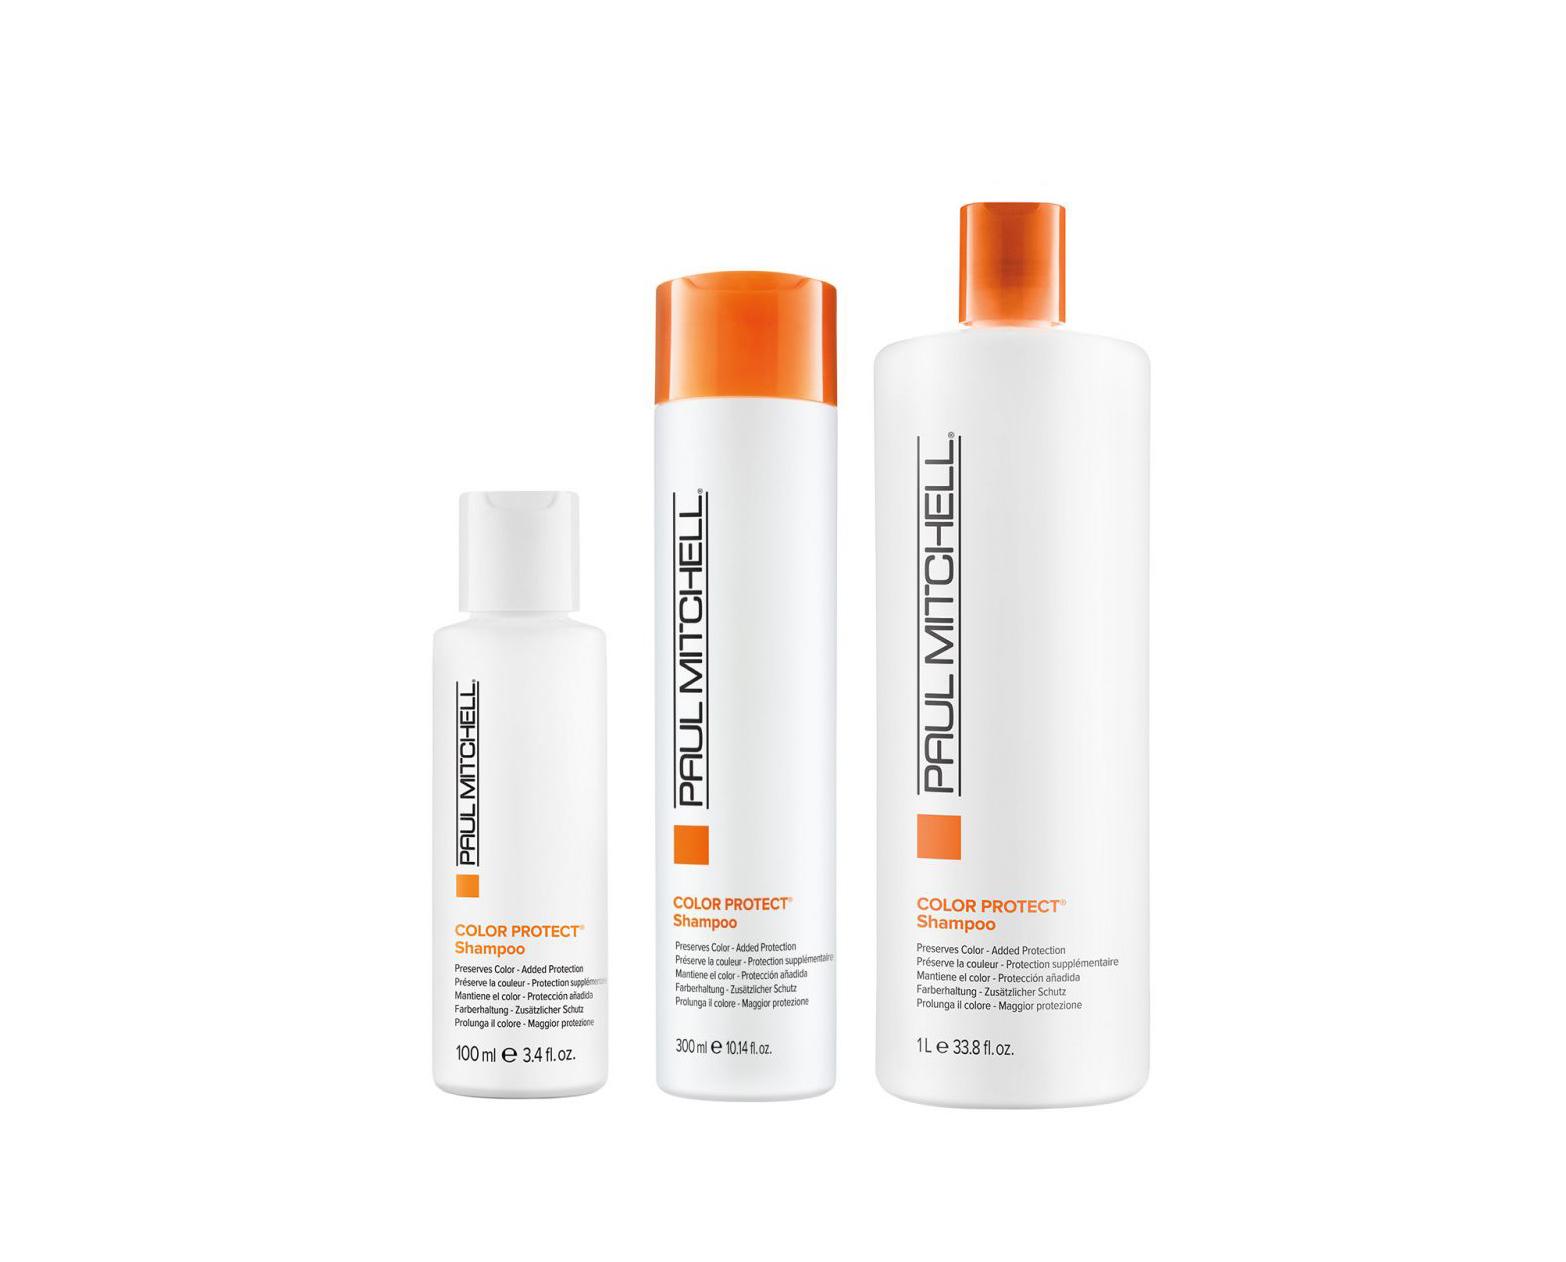 Paul Mitchell Color Protect Shampoo - šampón pre farbené vlasy